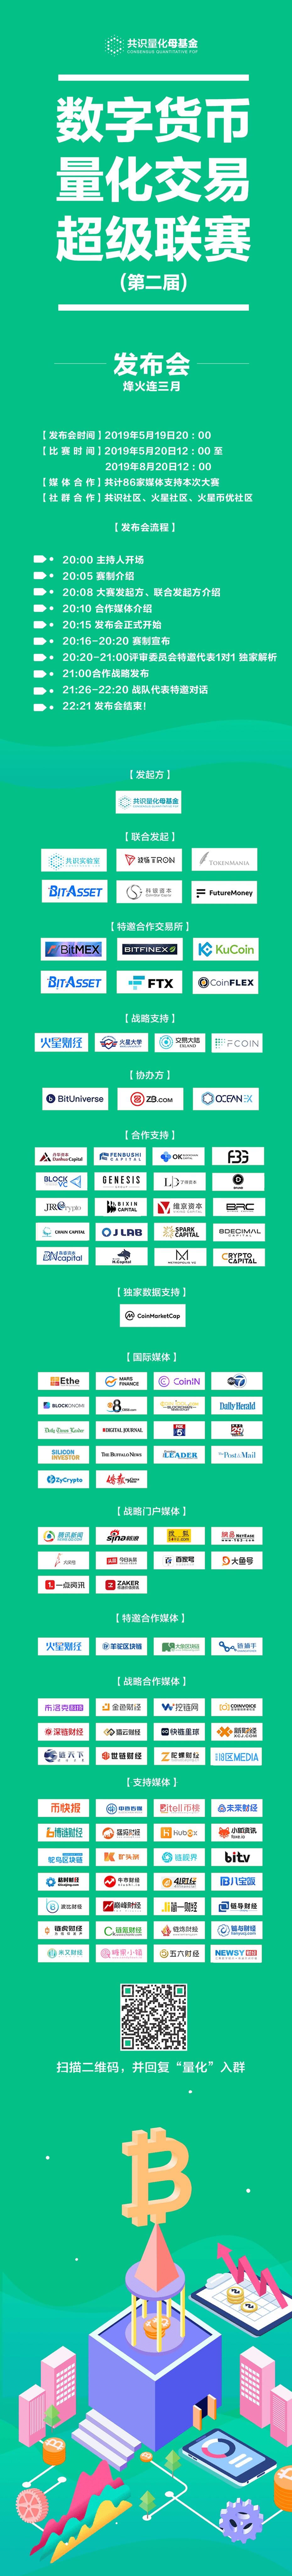 烽火连三月,共识量化母基金-量化交易超级联赛(第二届)线上发布会,5月19日正式举行